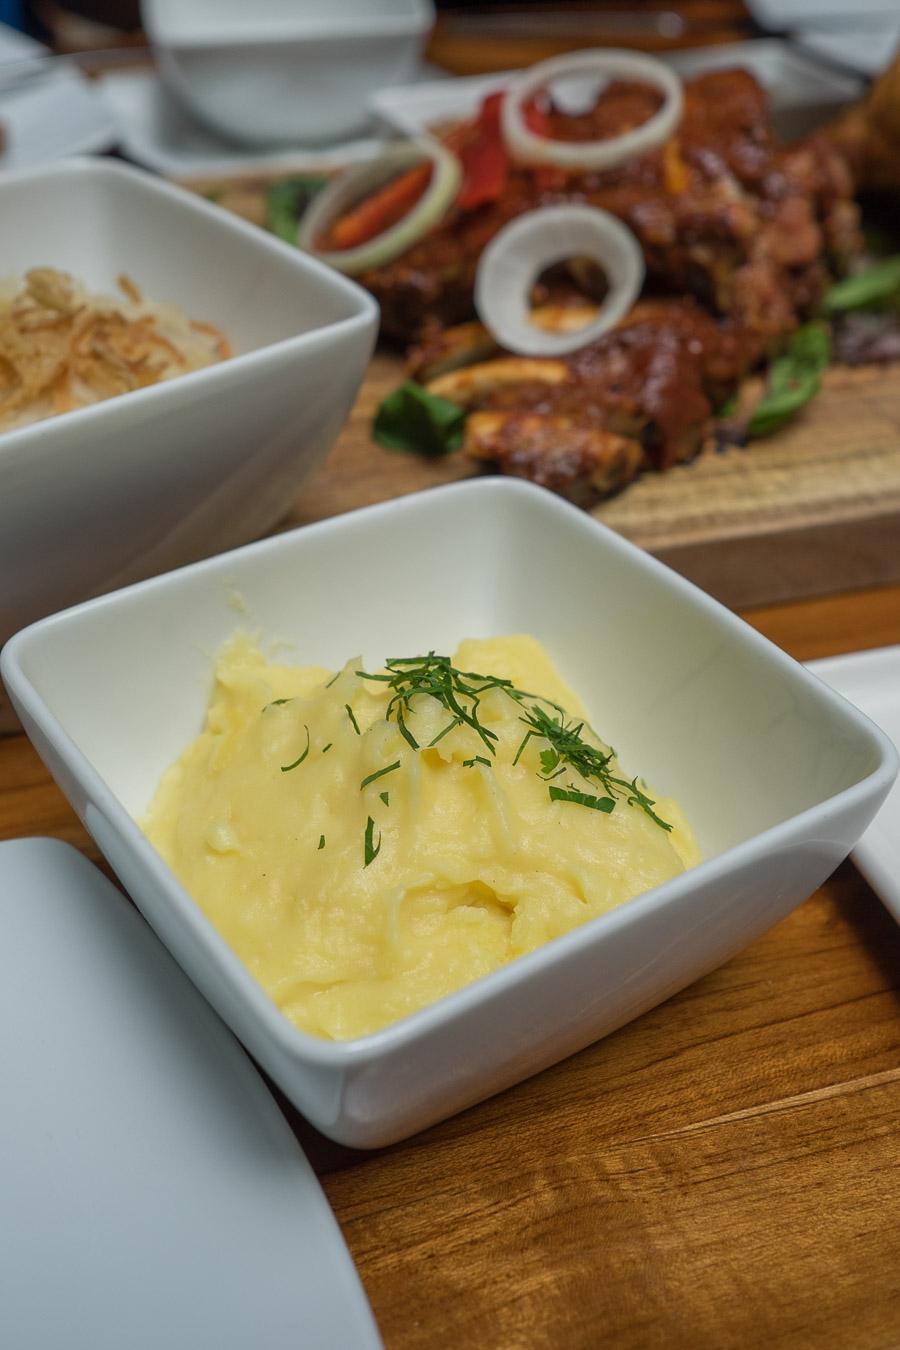 Mashed potato side